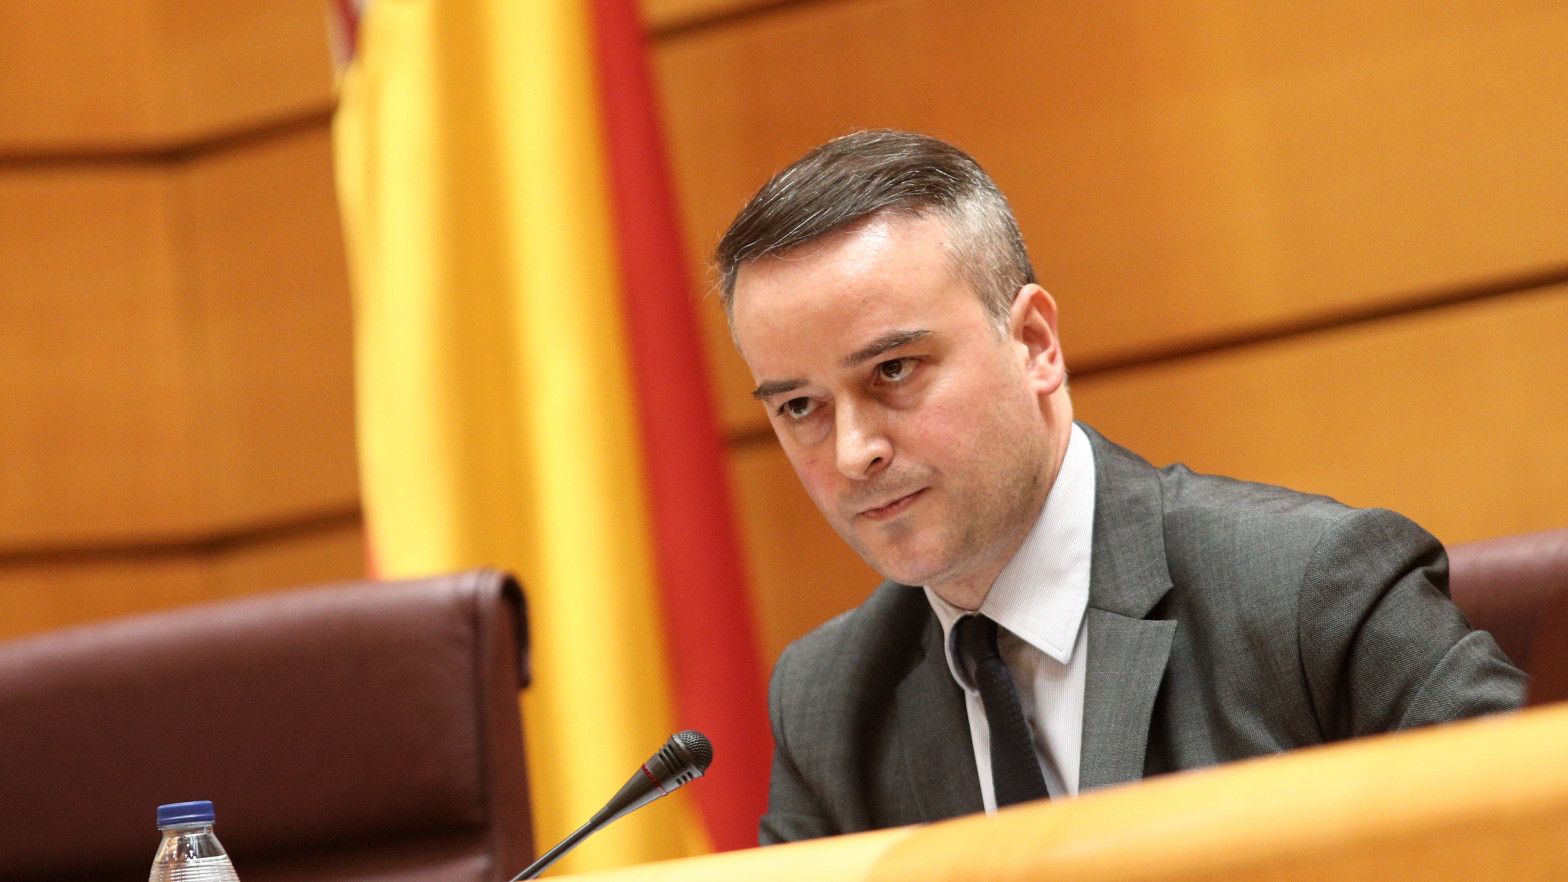 Moncloa recluta por carta más economistas para acelerar el proyecto estrella de Redondo